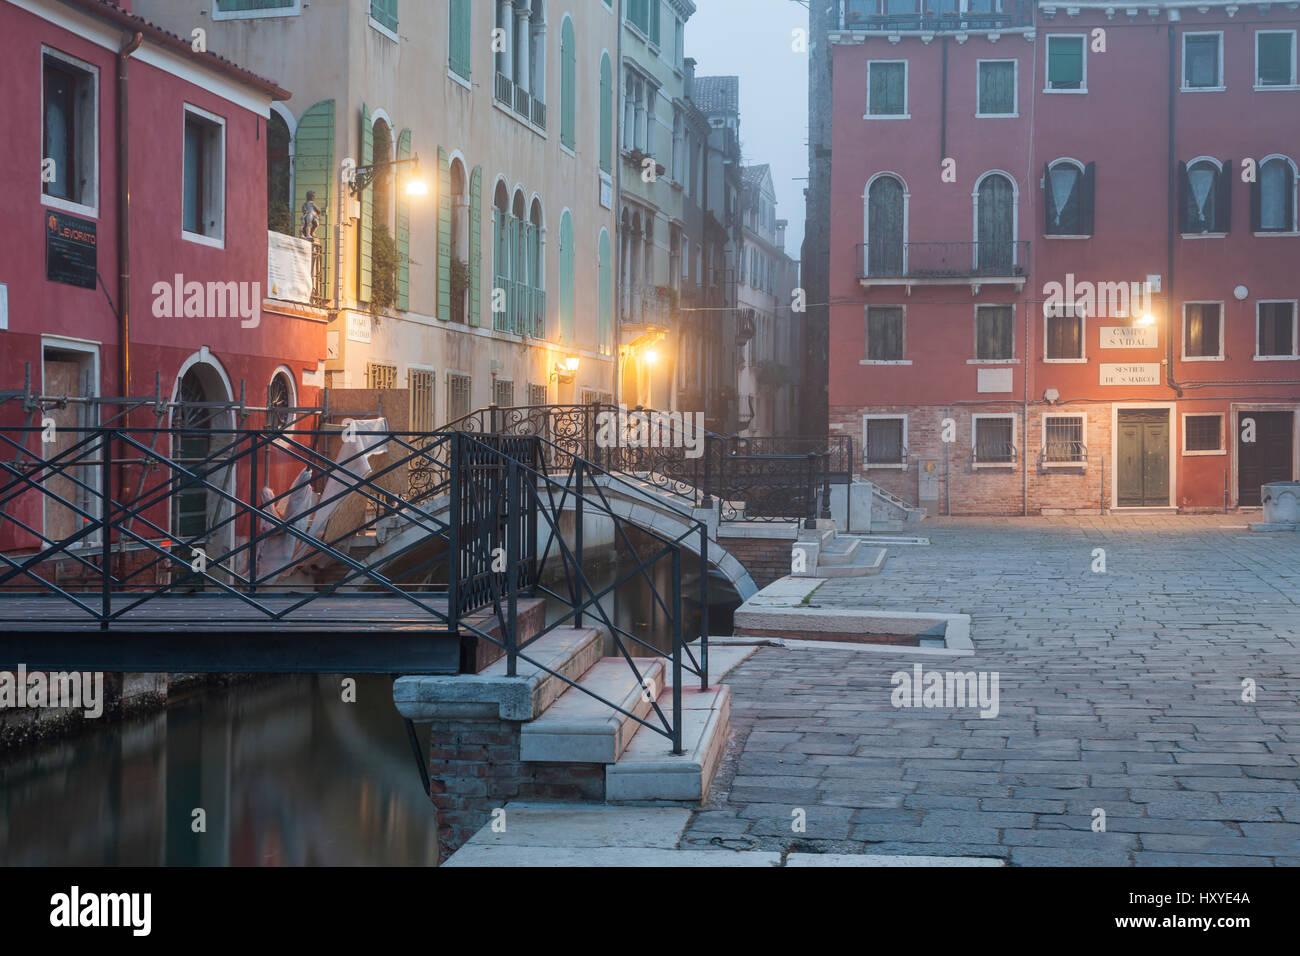 Niebla por la mañana en un canal, en el Sestiere de San Marco, Venecia, Italia. Imagen De Stock